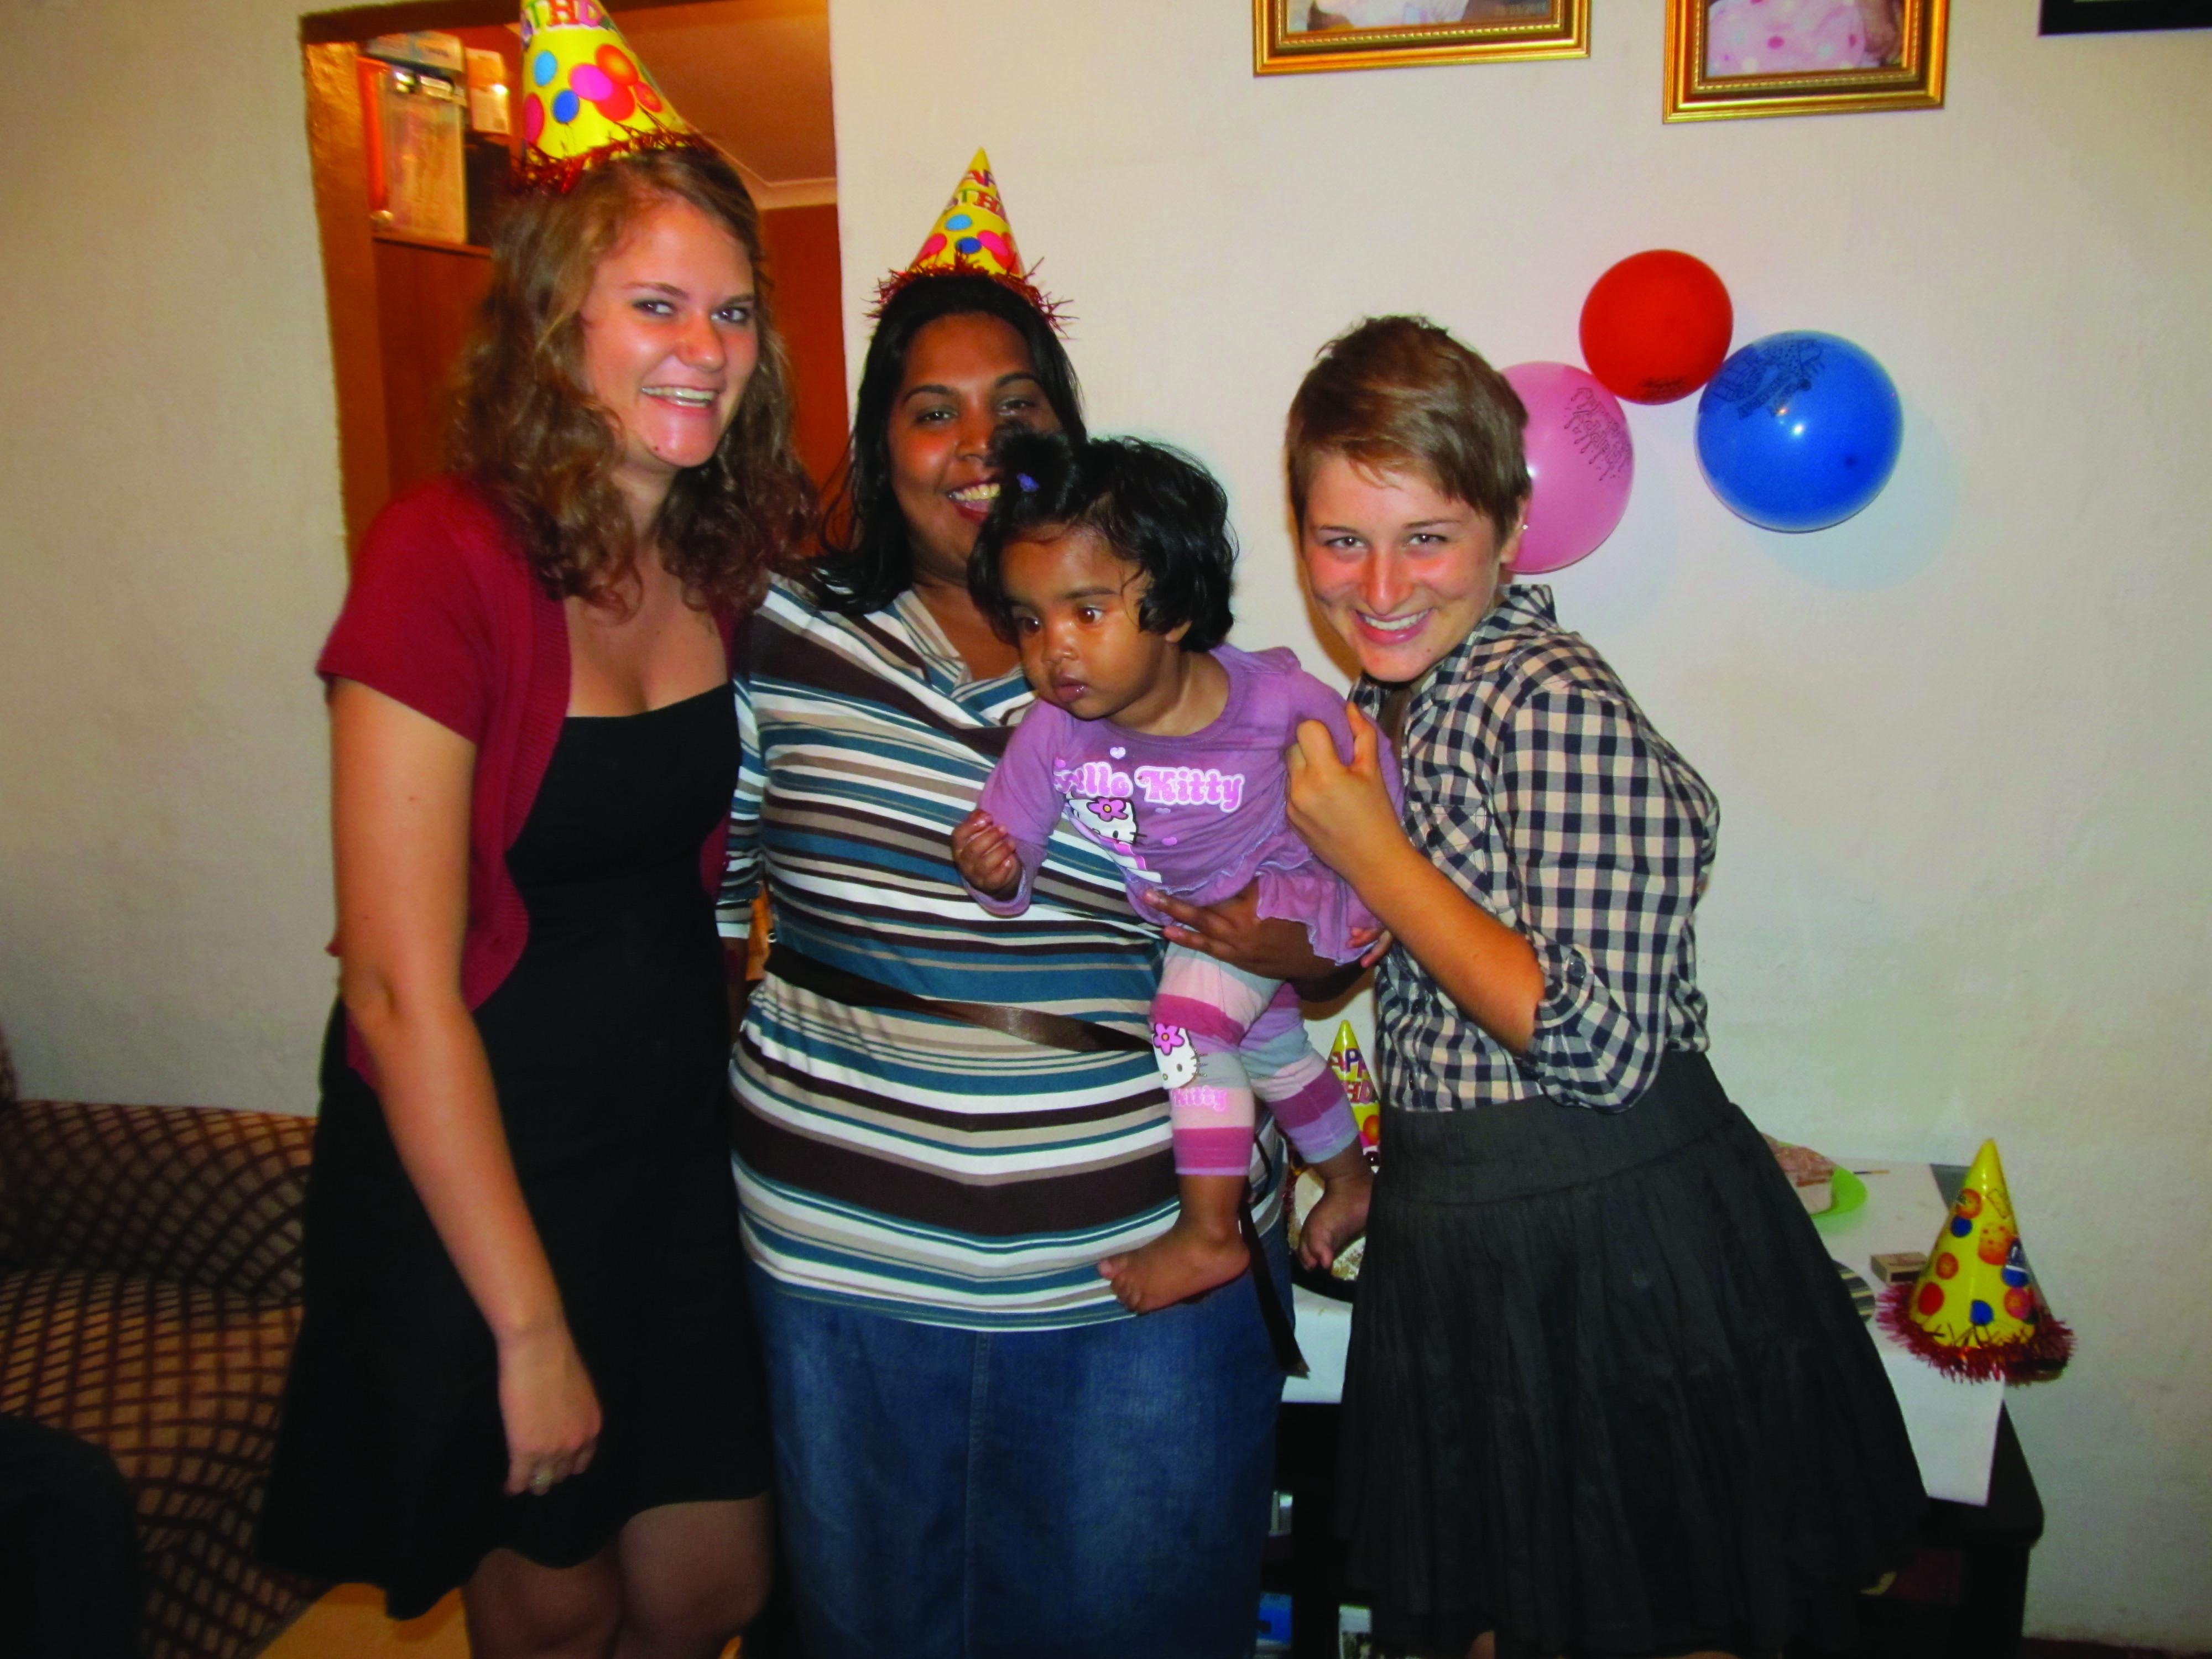 Joanna Epp and Hannah Sauder at a birthday party